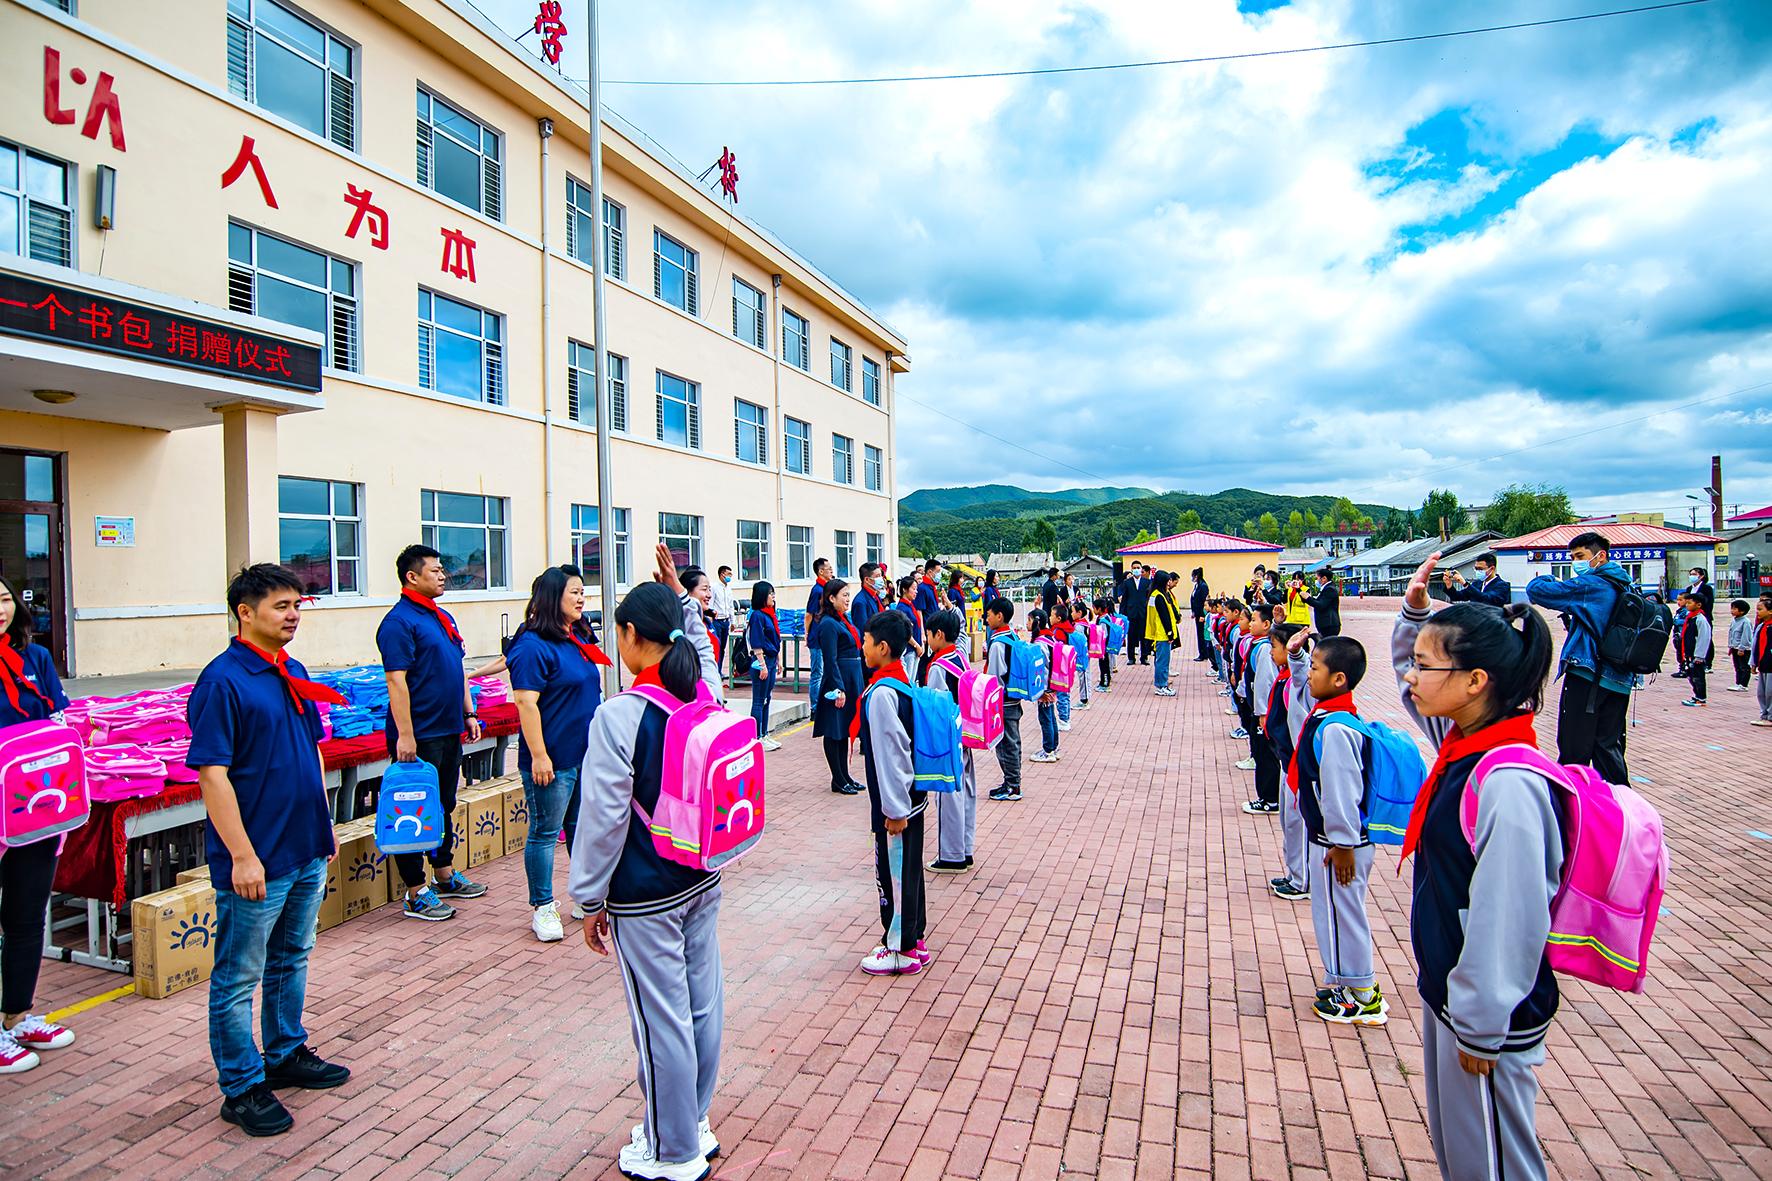 """9月14日,""""2021凯德·我的第一个书包""""公益活动在哈尔滨市延寿县寿山乡中心小学举行。来自哈尔滨的多名志愿者和延寿县寿山乡中心小学的师生们一起度过了既暖心又开心的一天。"""